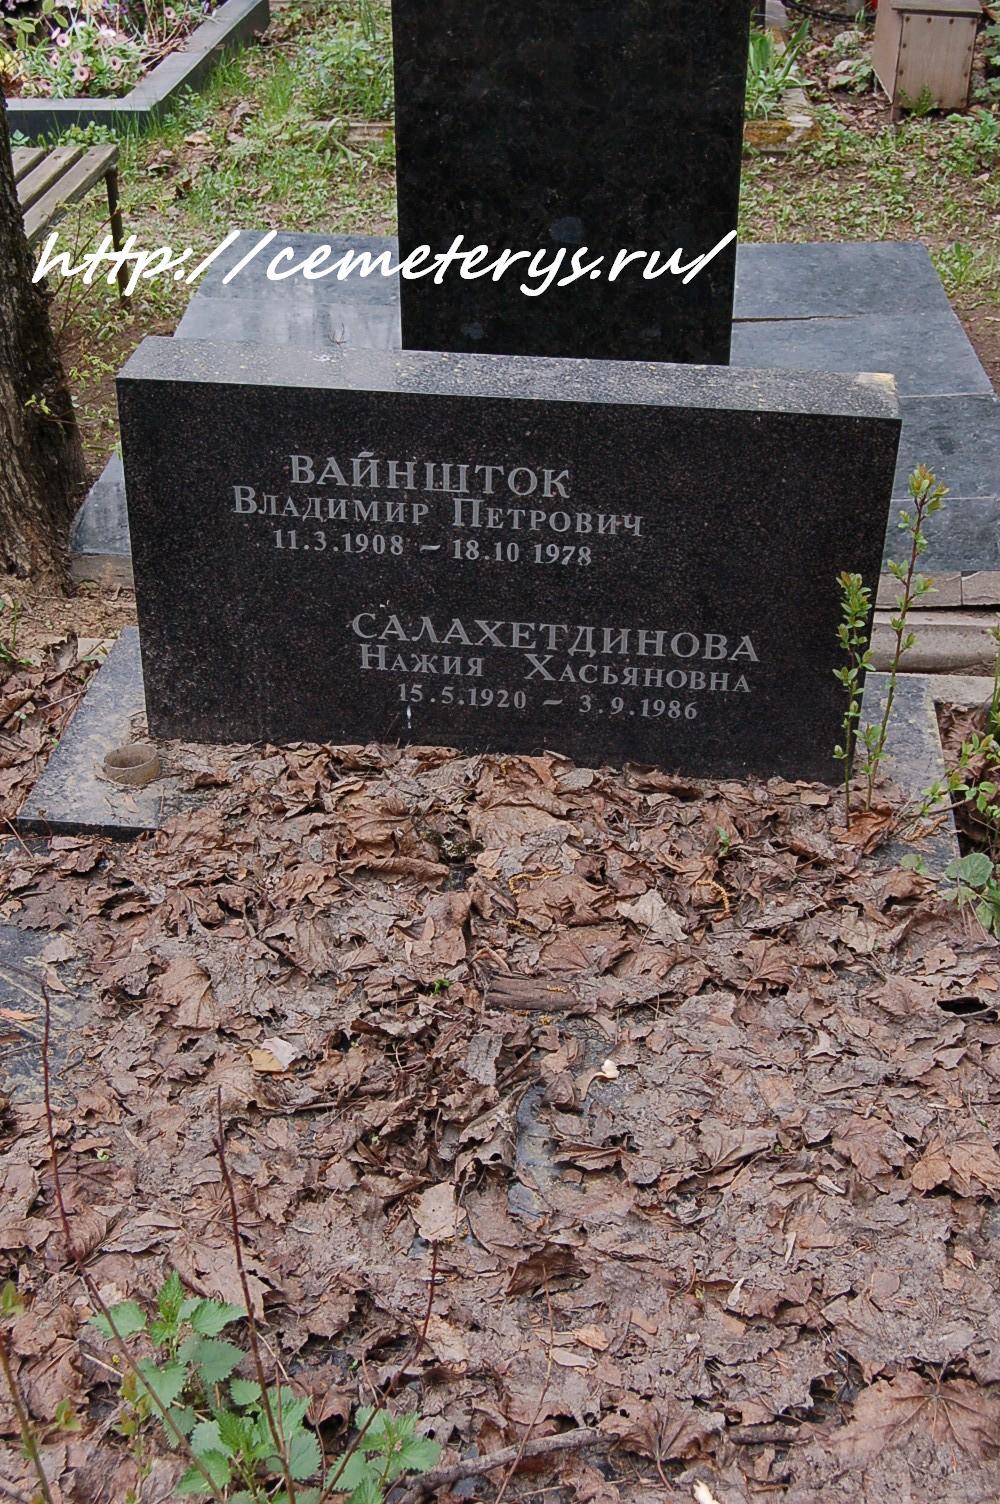 могила Владимира Вайнштока на Кунцевском кладбище в Москве  (фото Дмитрия Кондратьева)